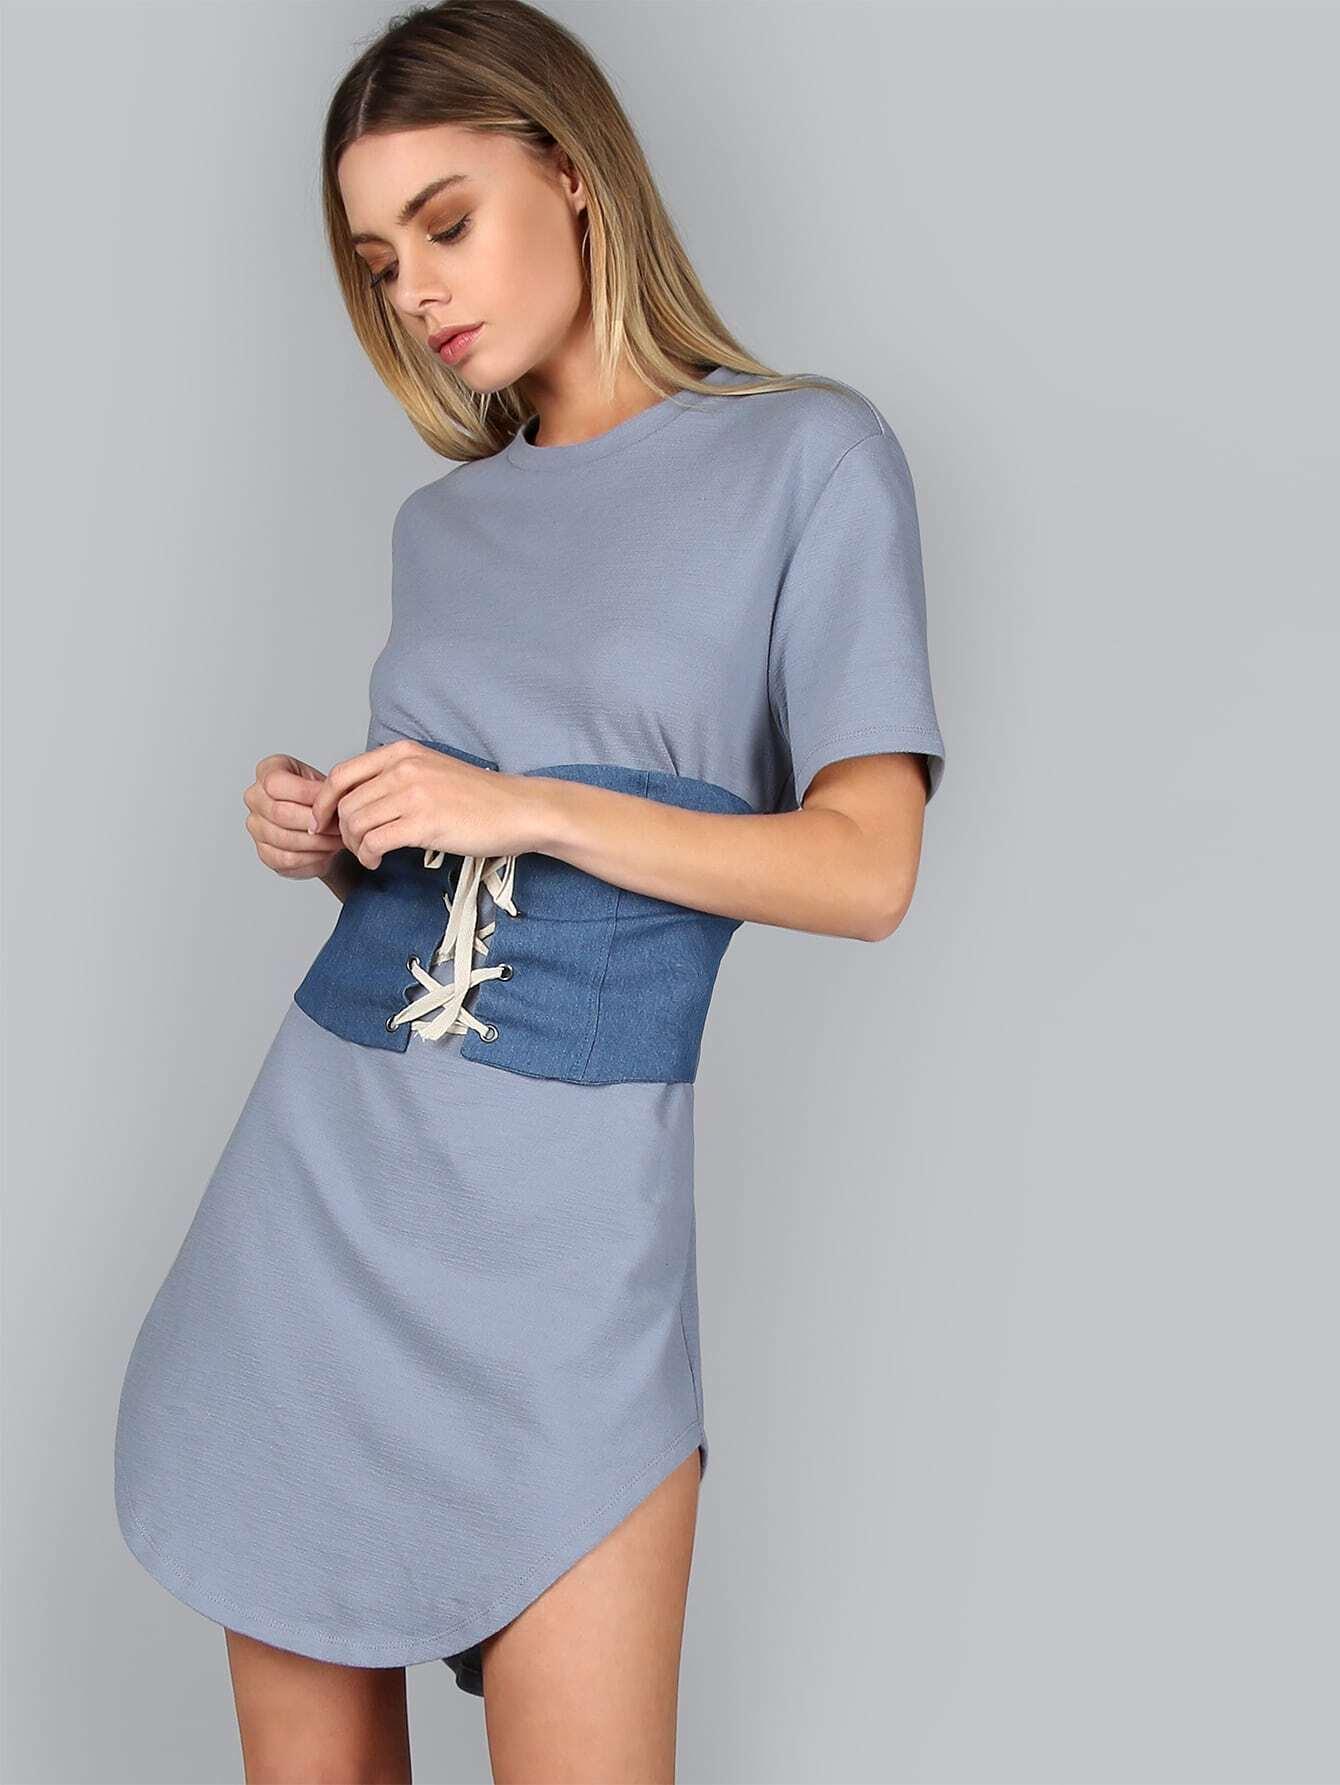 Blue Splash Print Curved Hem Distressed Tee DressBlue Splash Print Curved Hem Distressed Tee Dress<br><br>color: Blue<br>size: L,M,S,XS